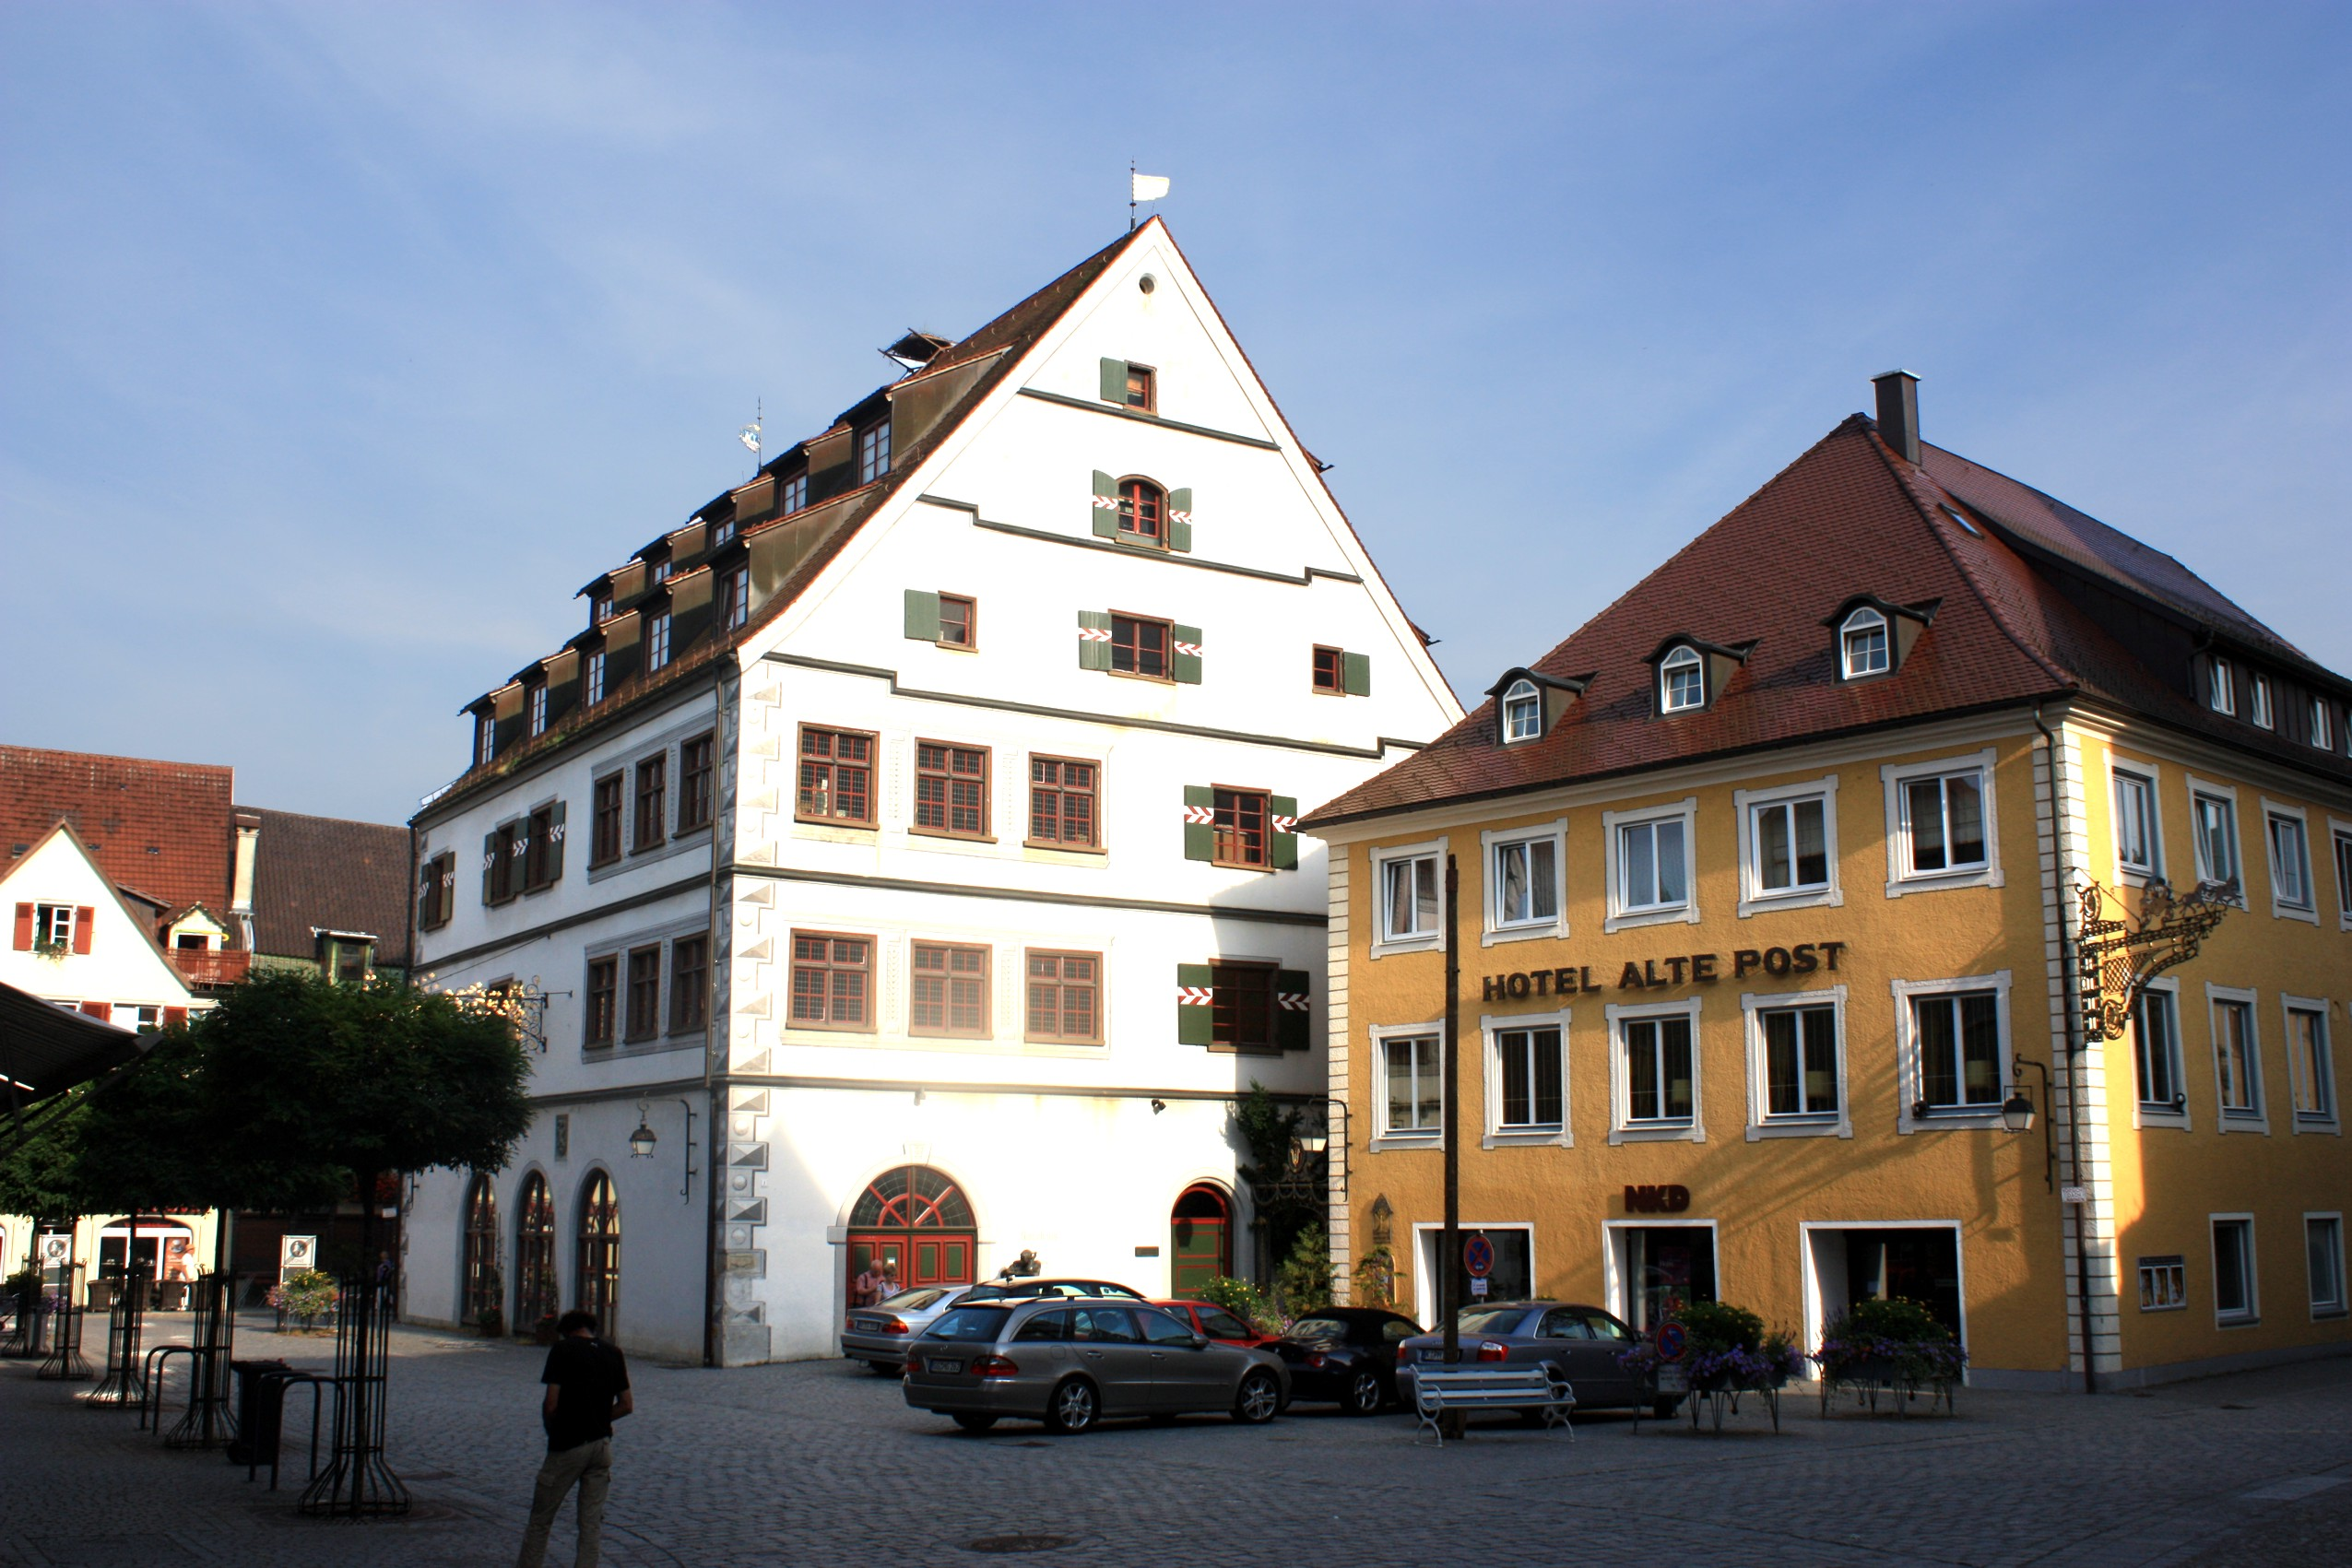 Hotel Alte Post Flensburg Parken